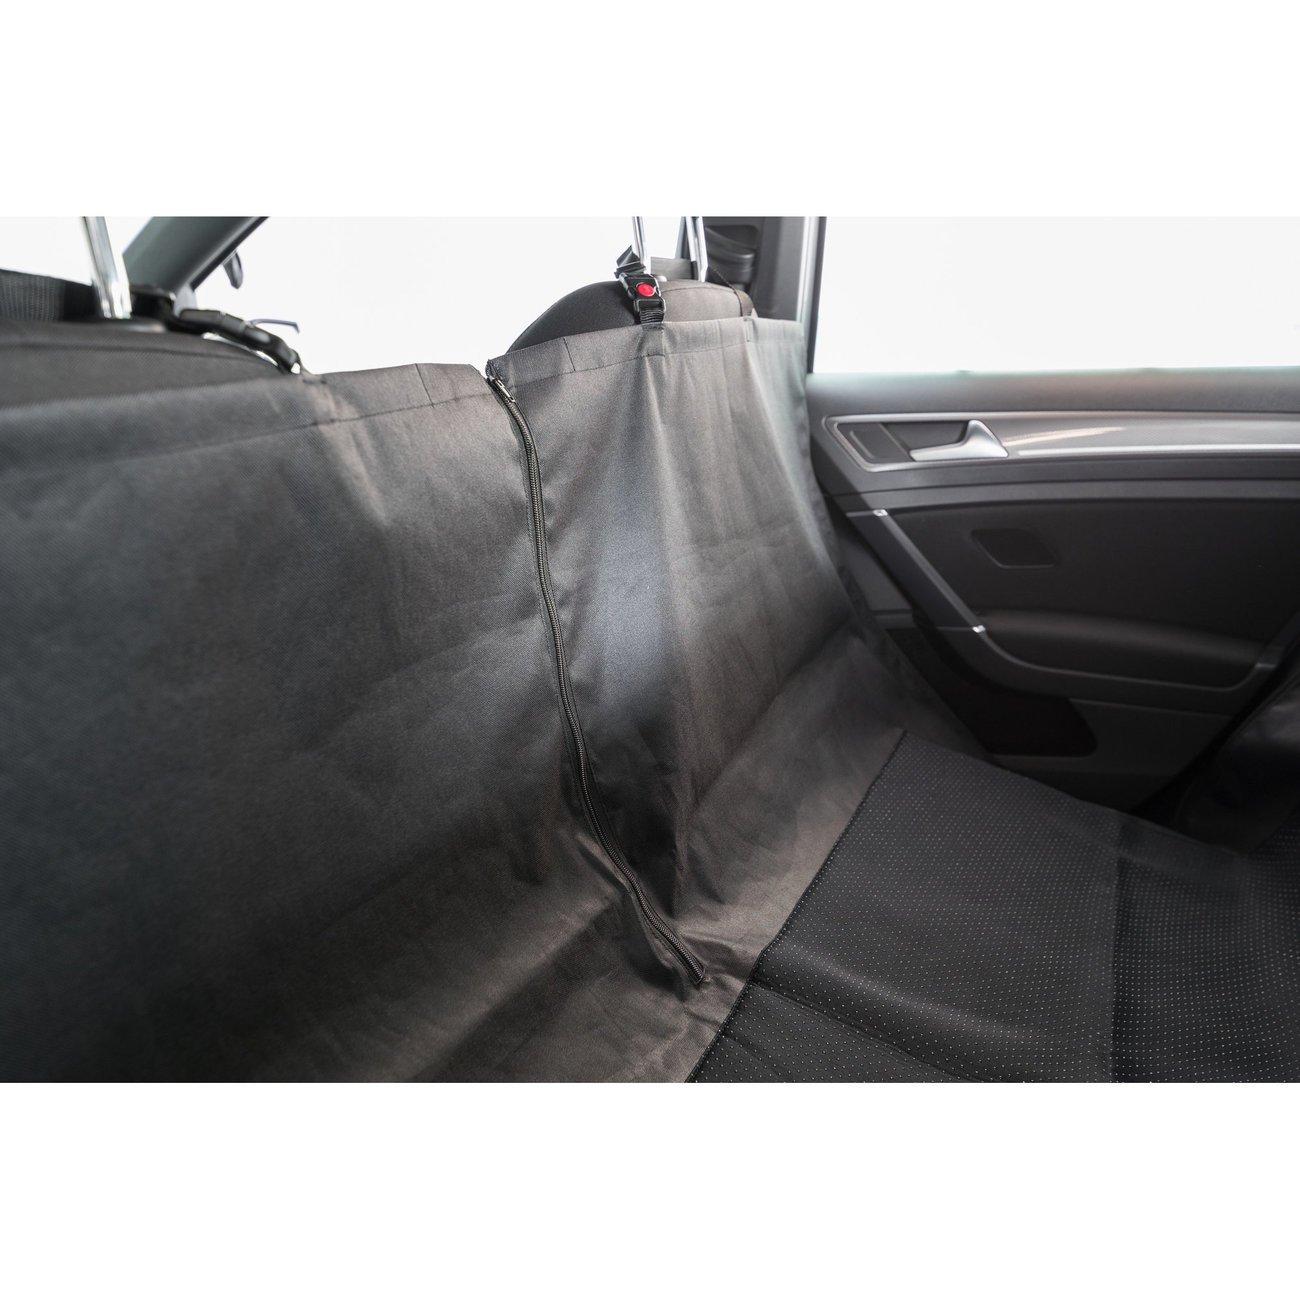 TRIXIE Auto Hundedecke mit Seitenteilen für Rücksitz 1348, Bild 6